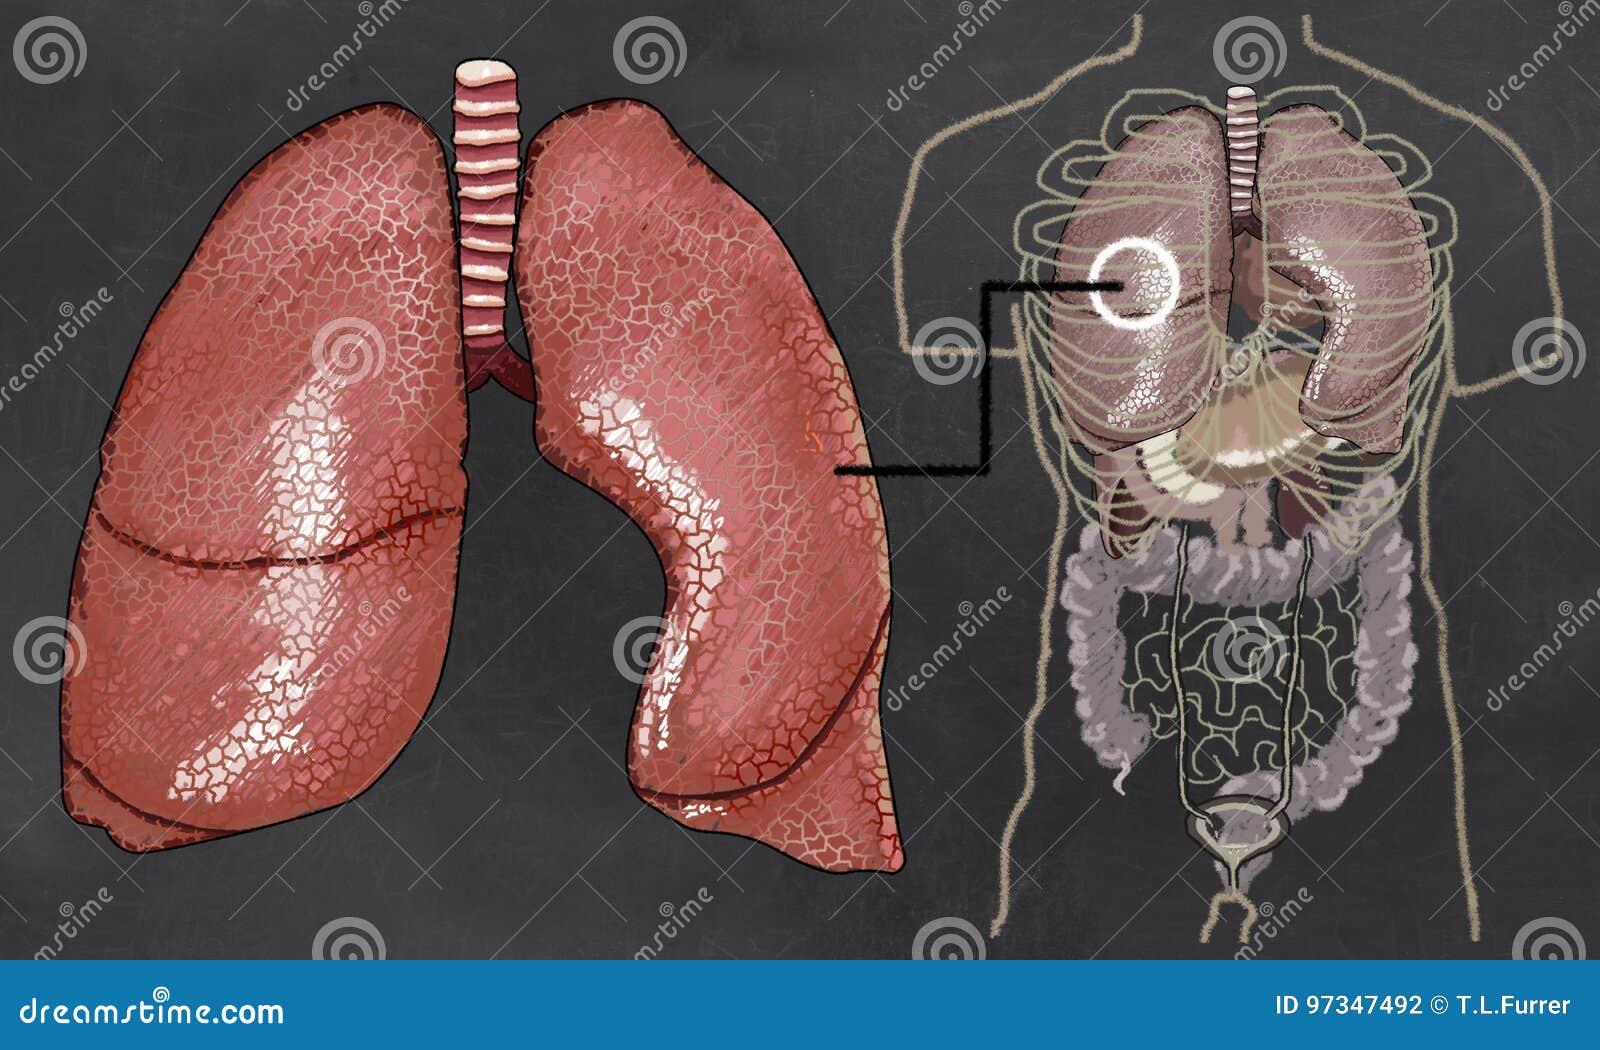 De Illustratie van de longenanatomie met Torso